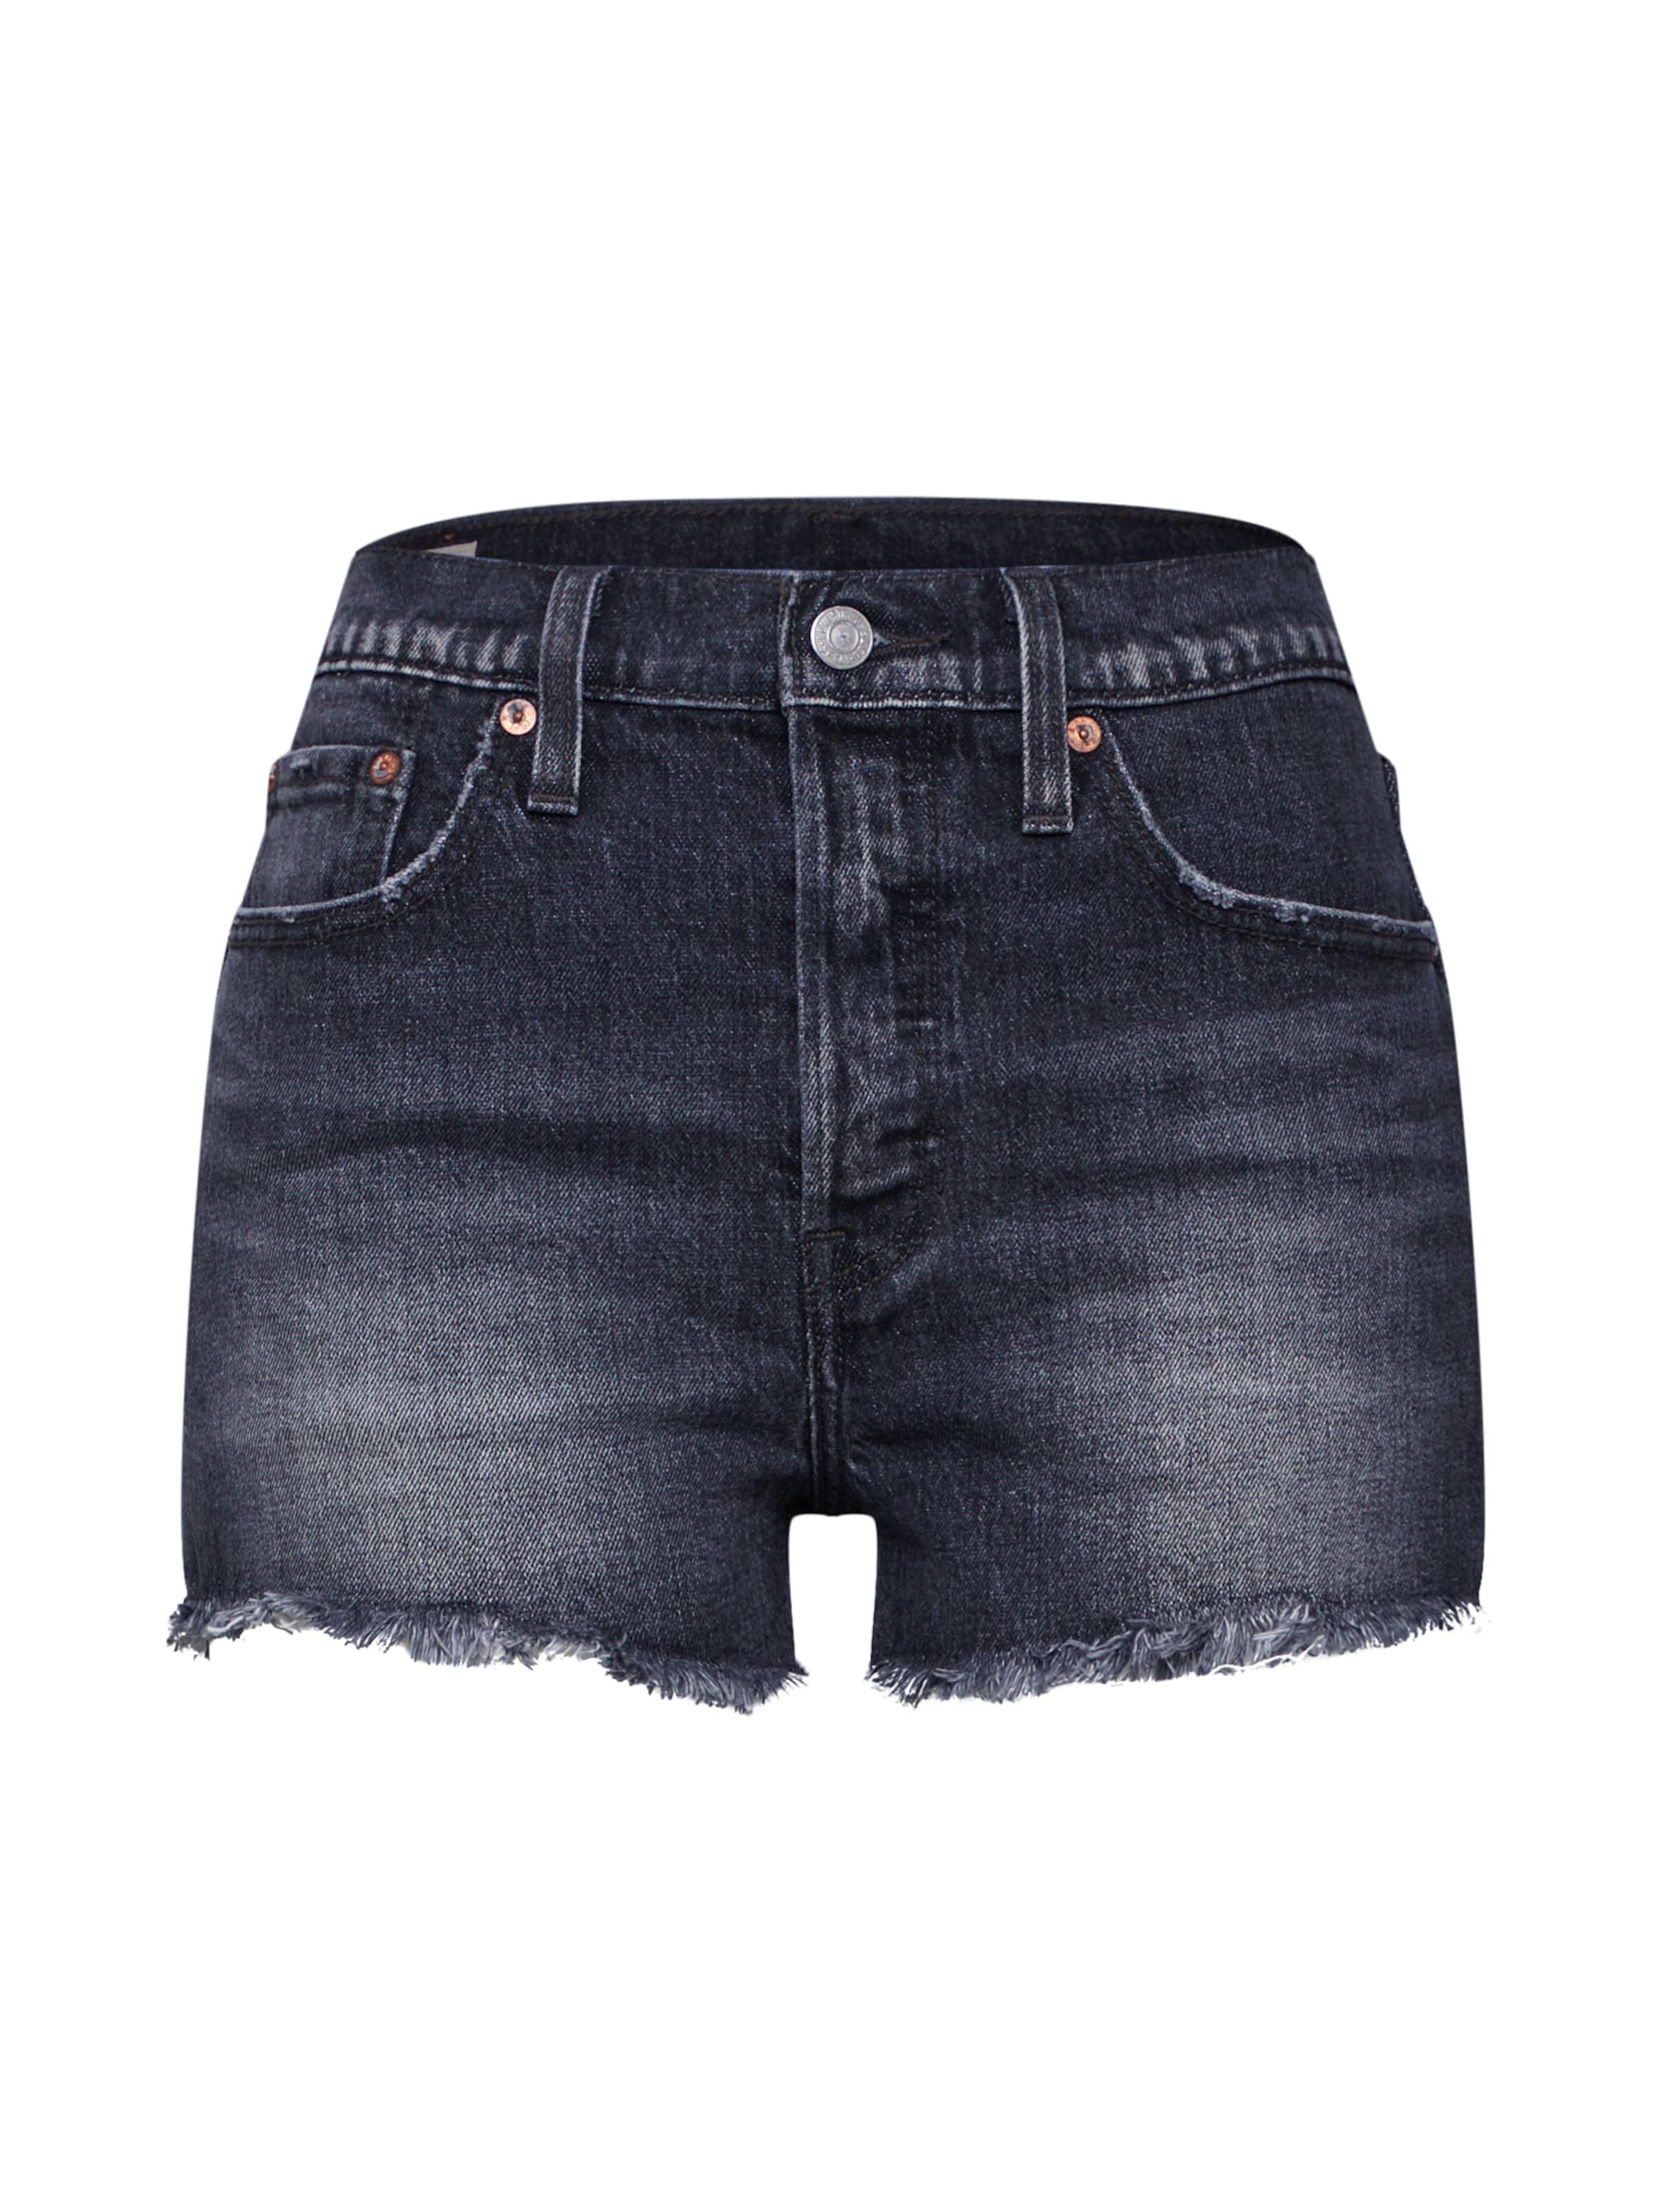 Denim In Grey '501' Shorts Levi's 5FJu13TKcl